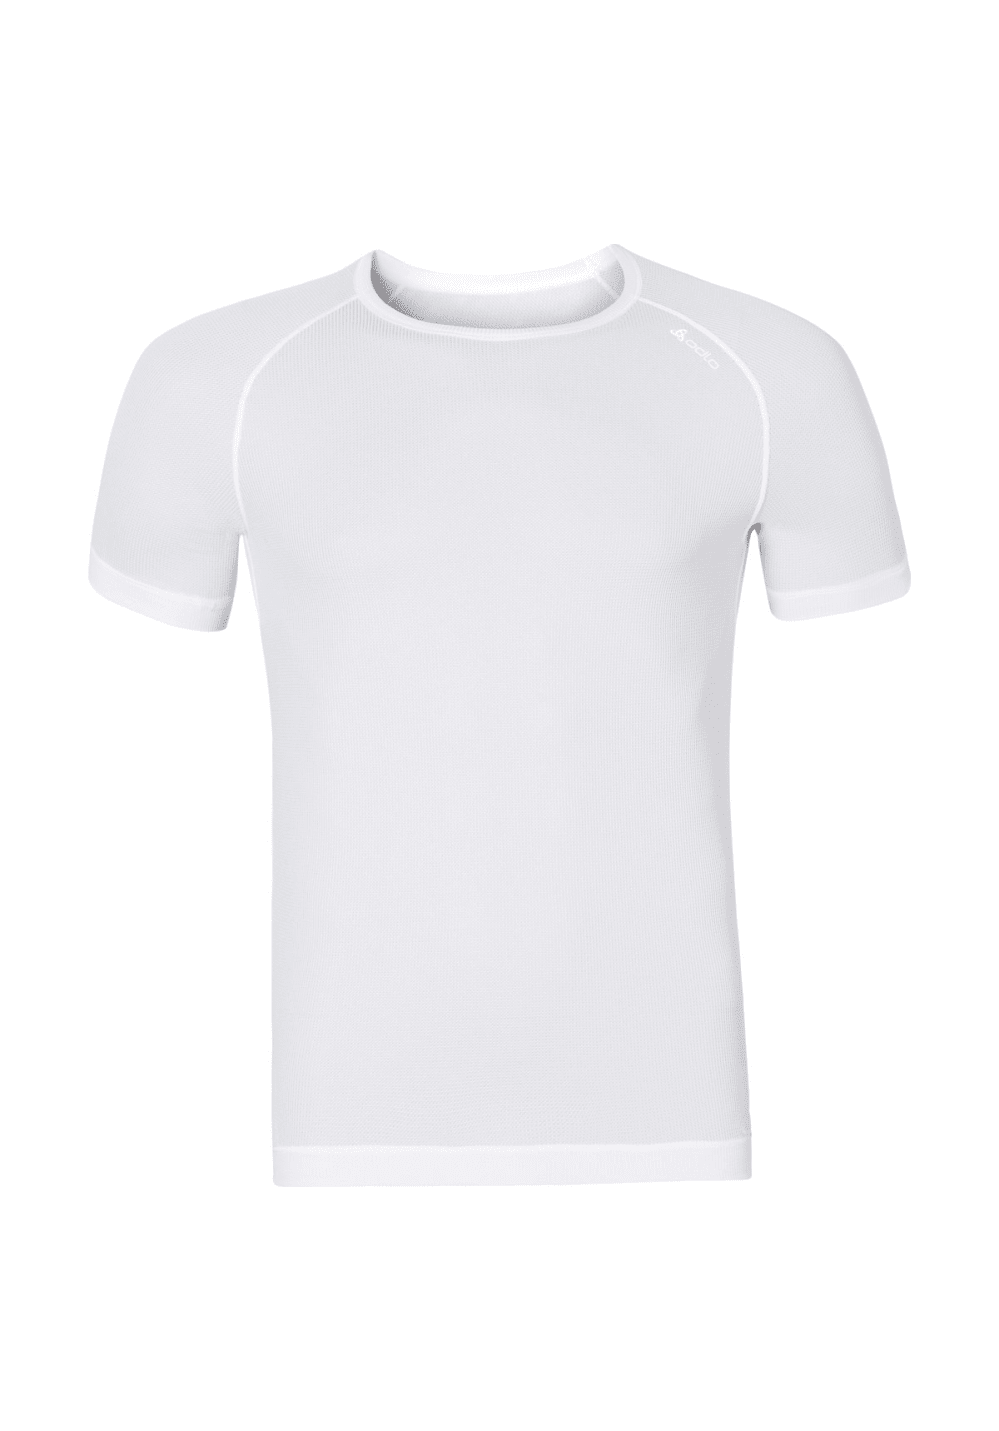 Odlo Shirt Short Sleeve Crew Neck Cubic - Funktionsunterwäsche für Herren - We